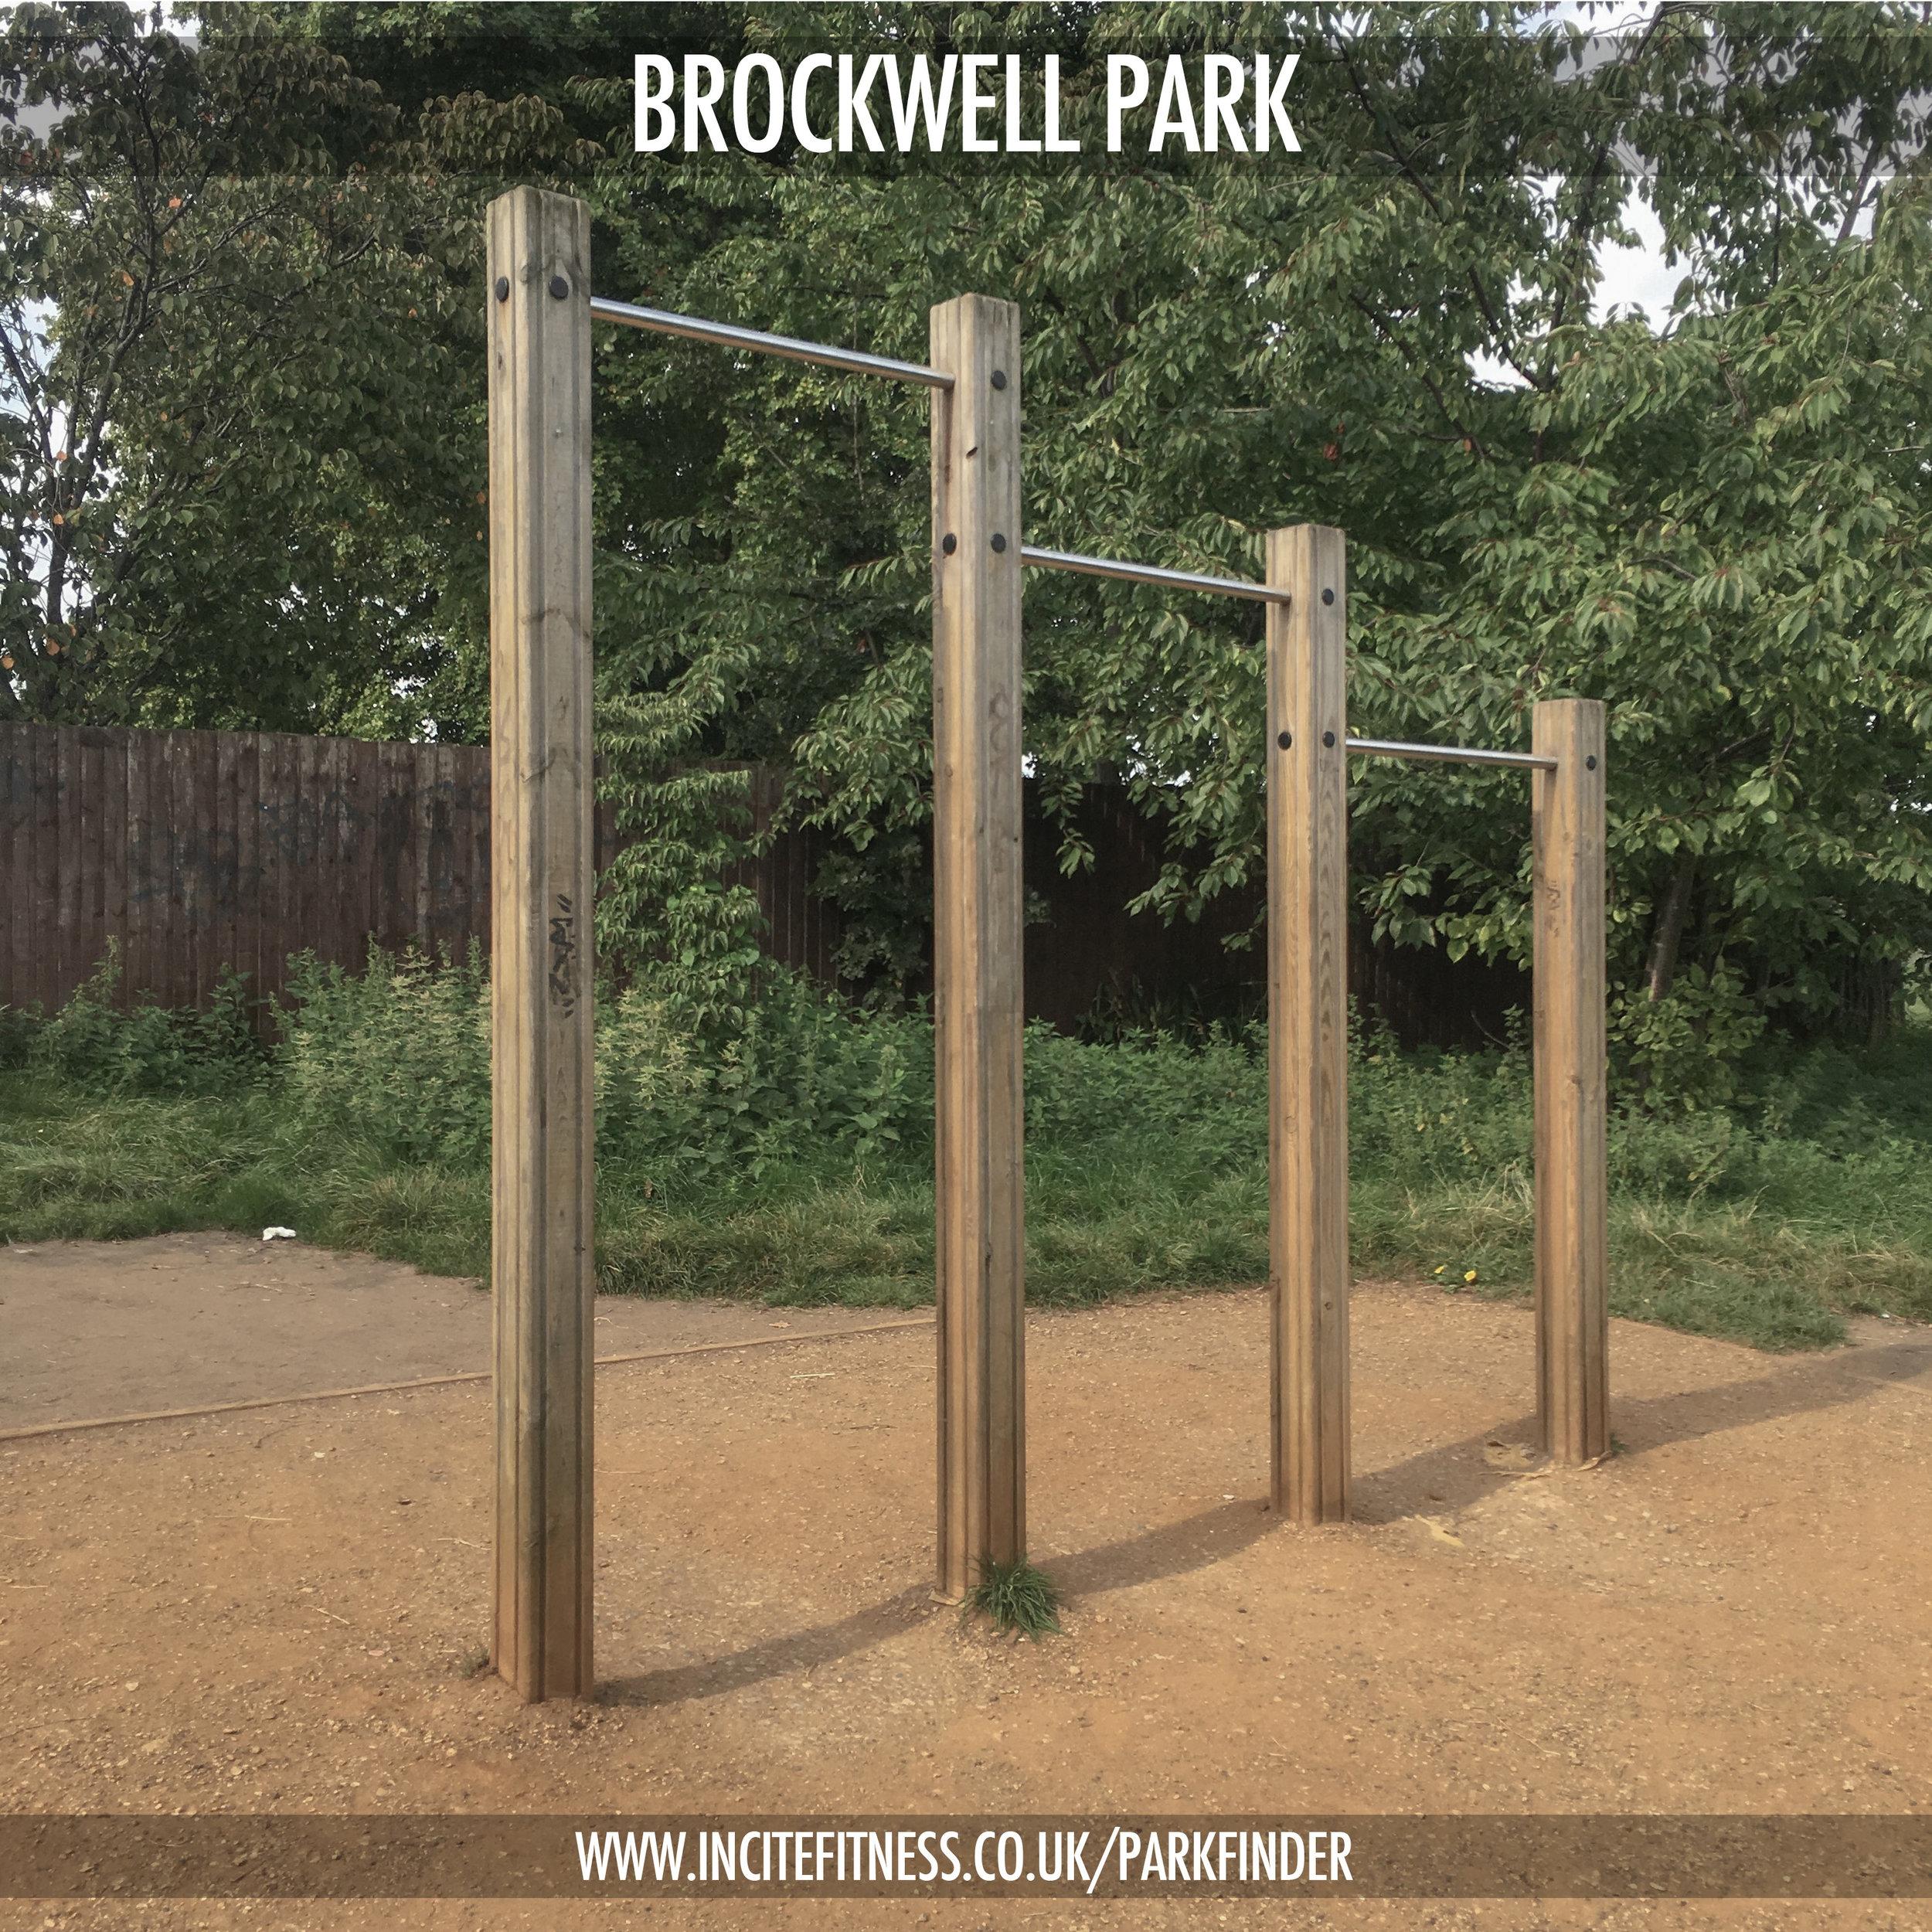 Brockwell park 01 pull up bars.jpg